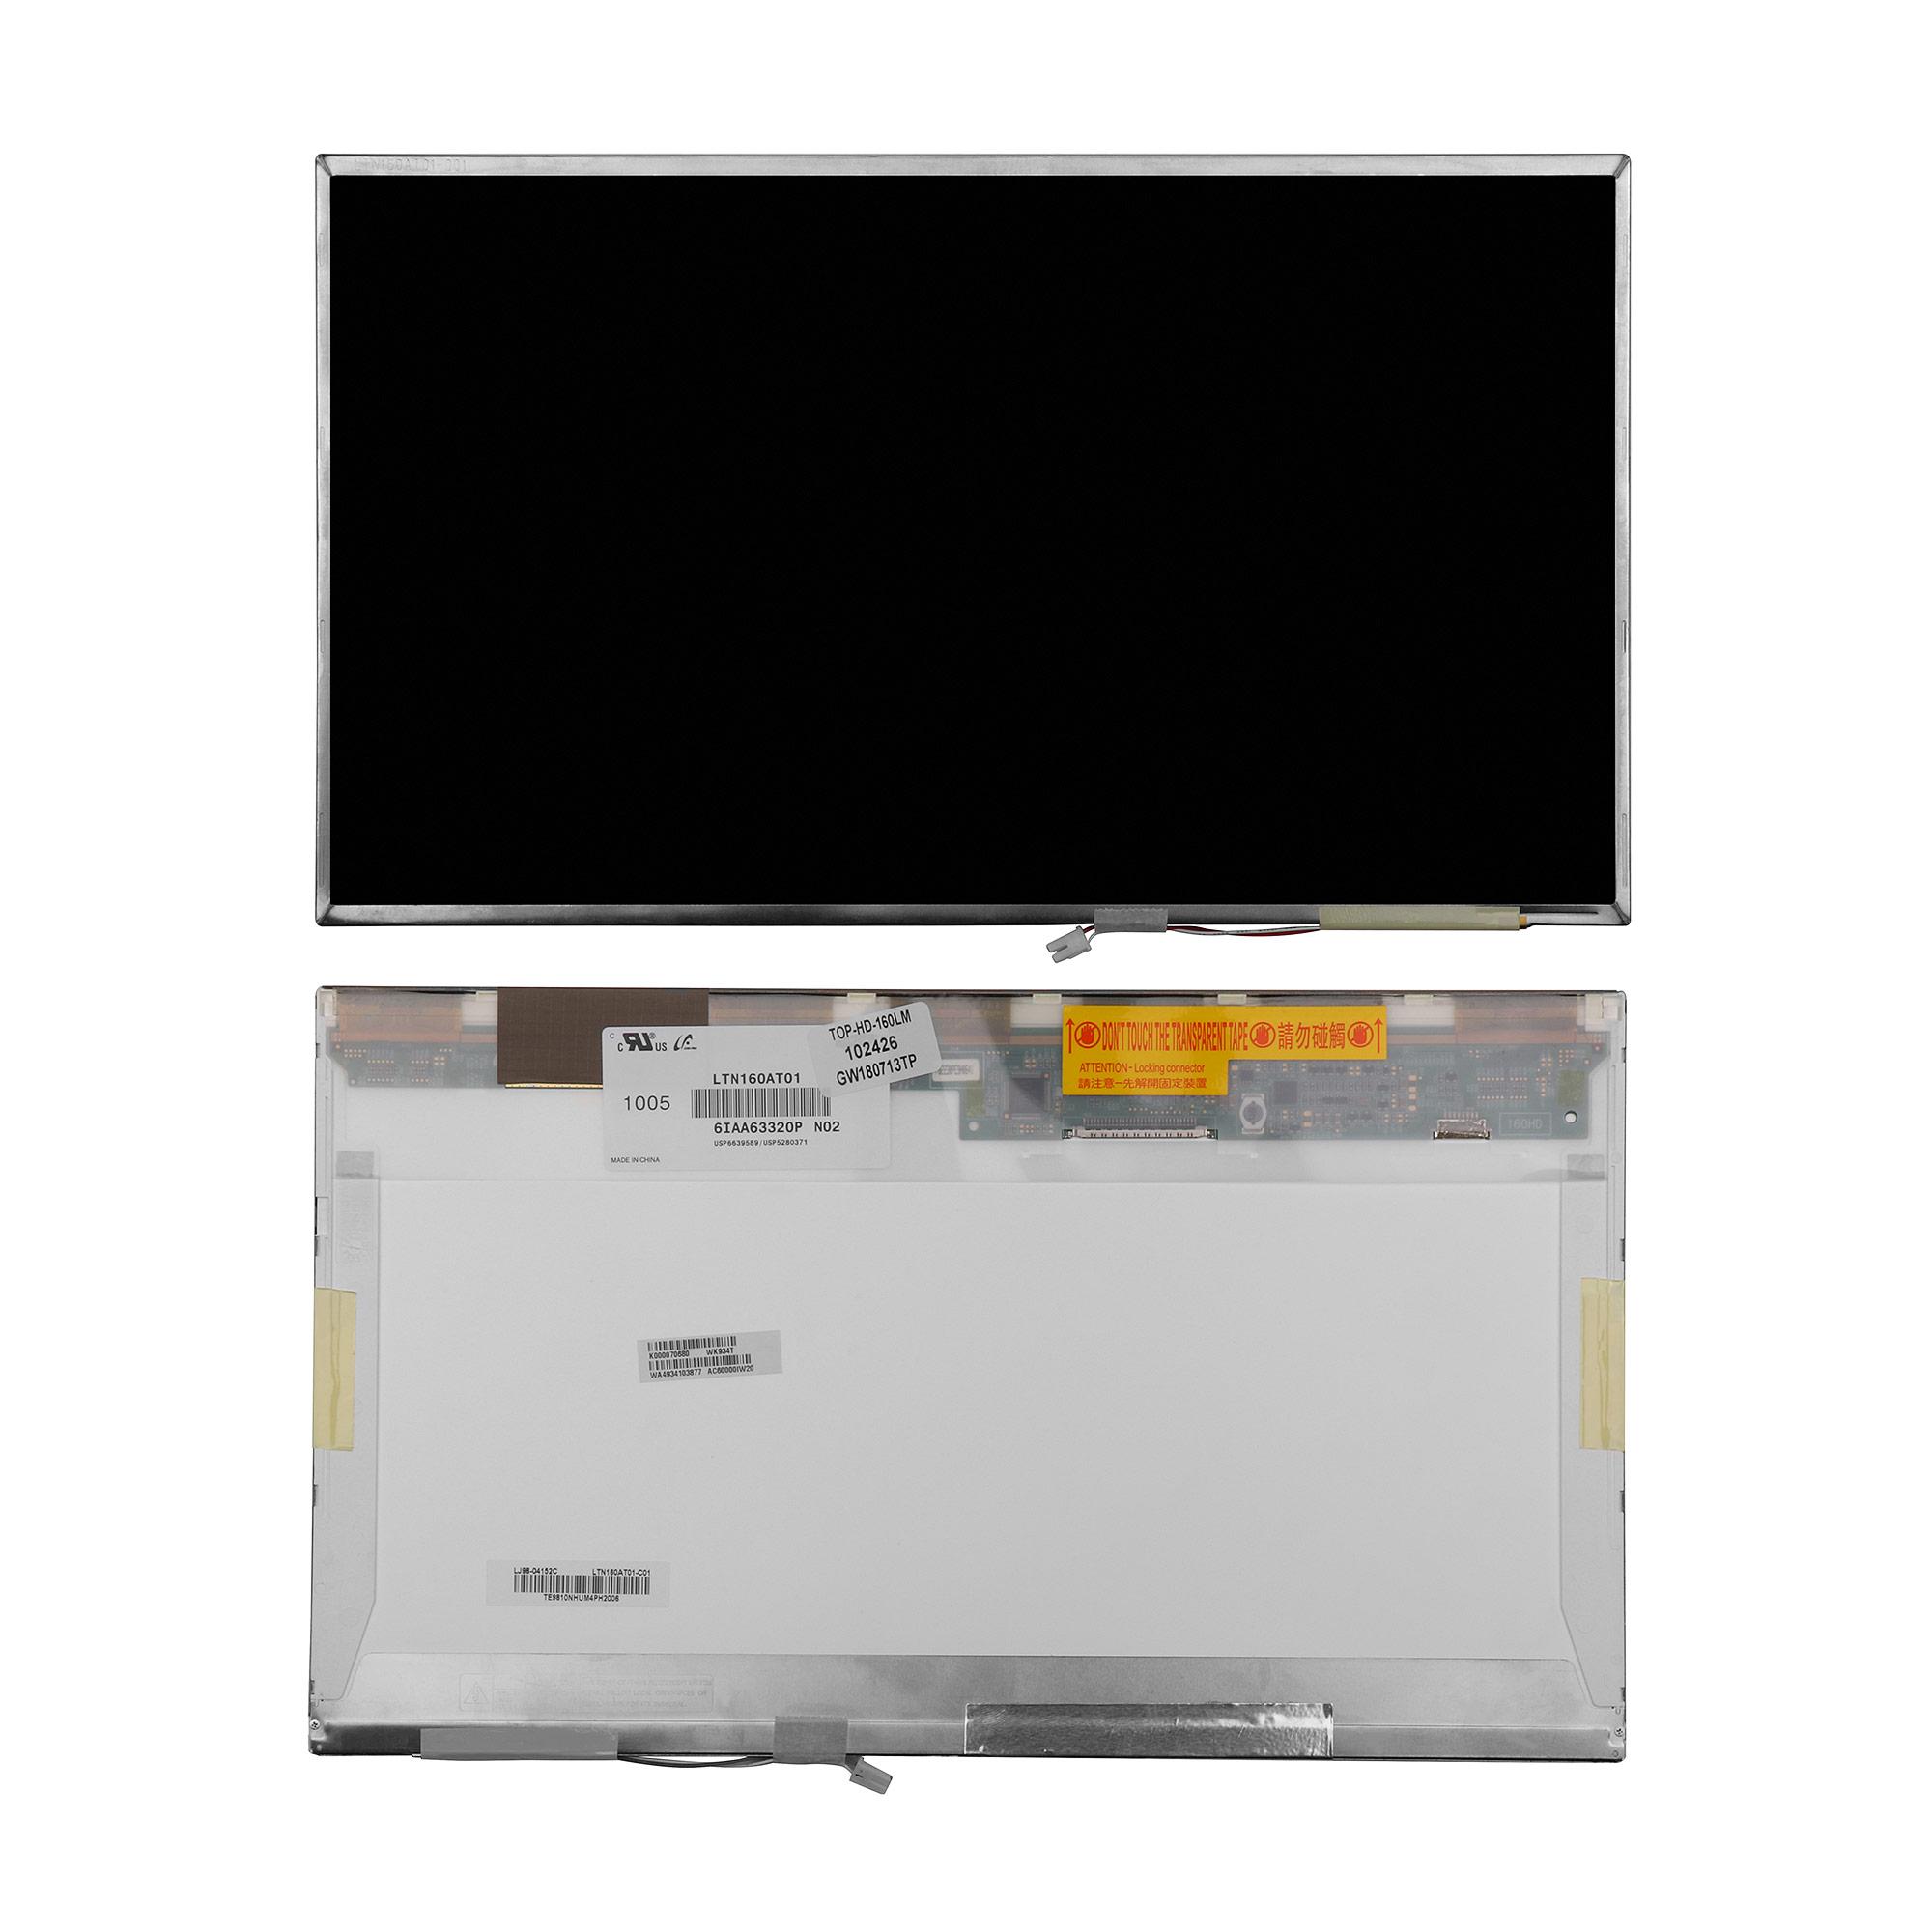 Запчасти для ремонта теле, видео, аудио 16 1366x768 WXGA 30 pin 1-CCFL. Глянцевая. PN: LTN160AT02